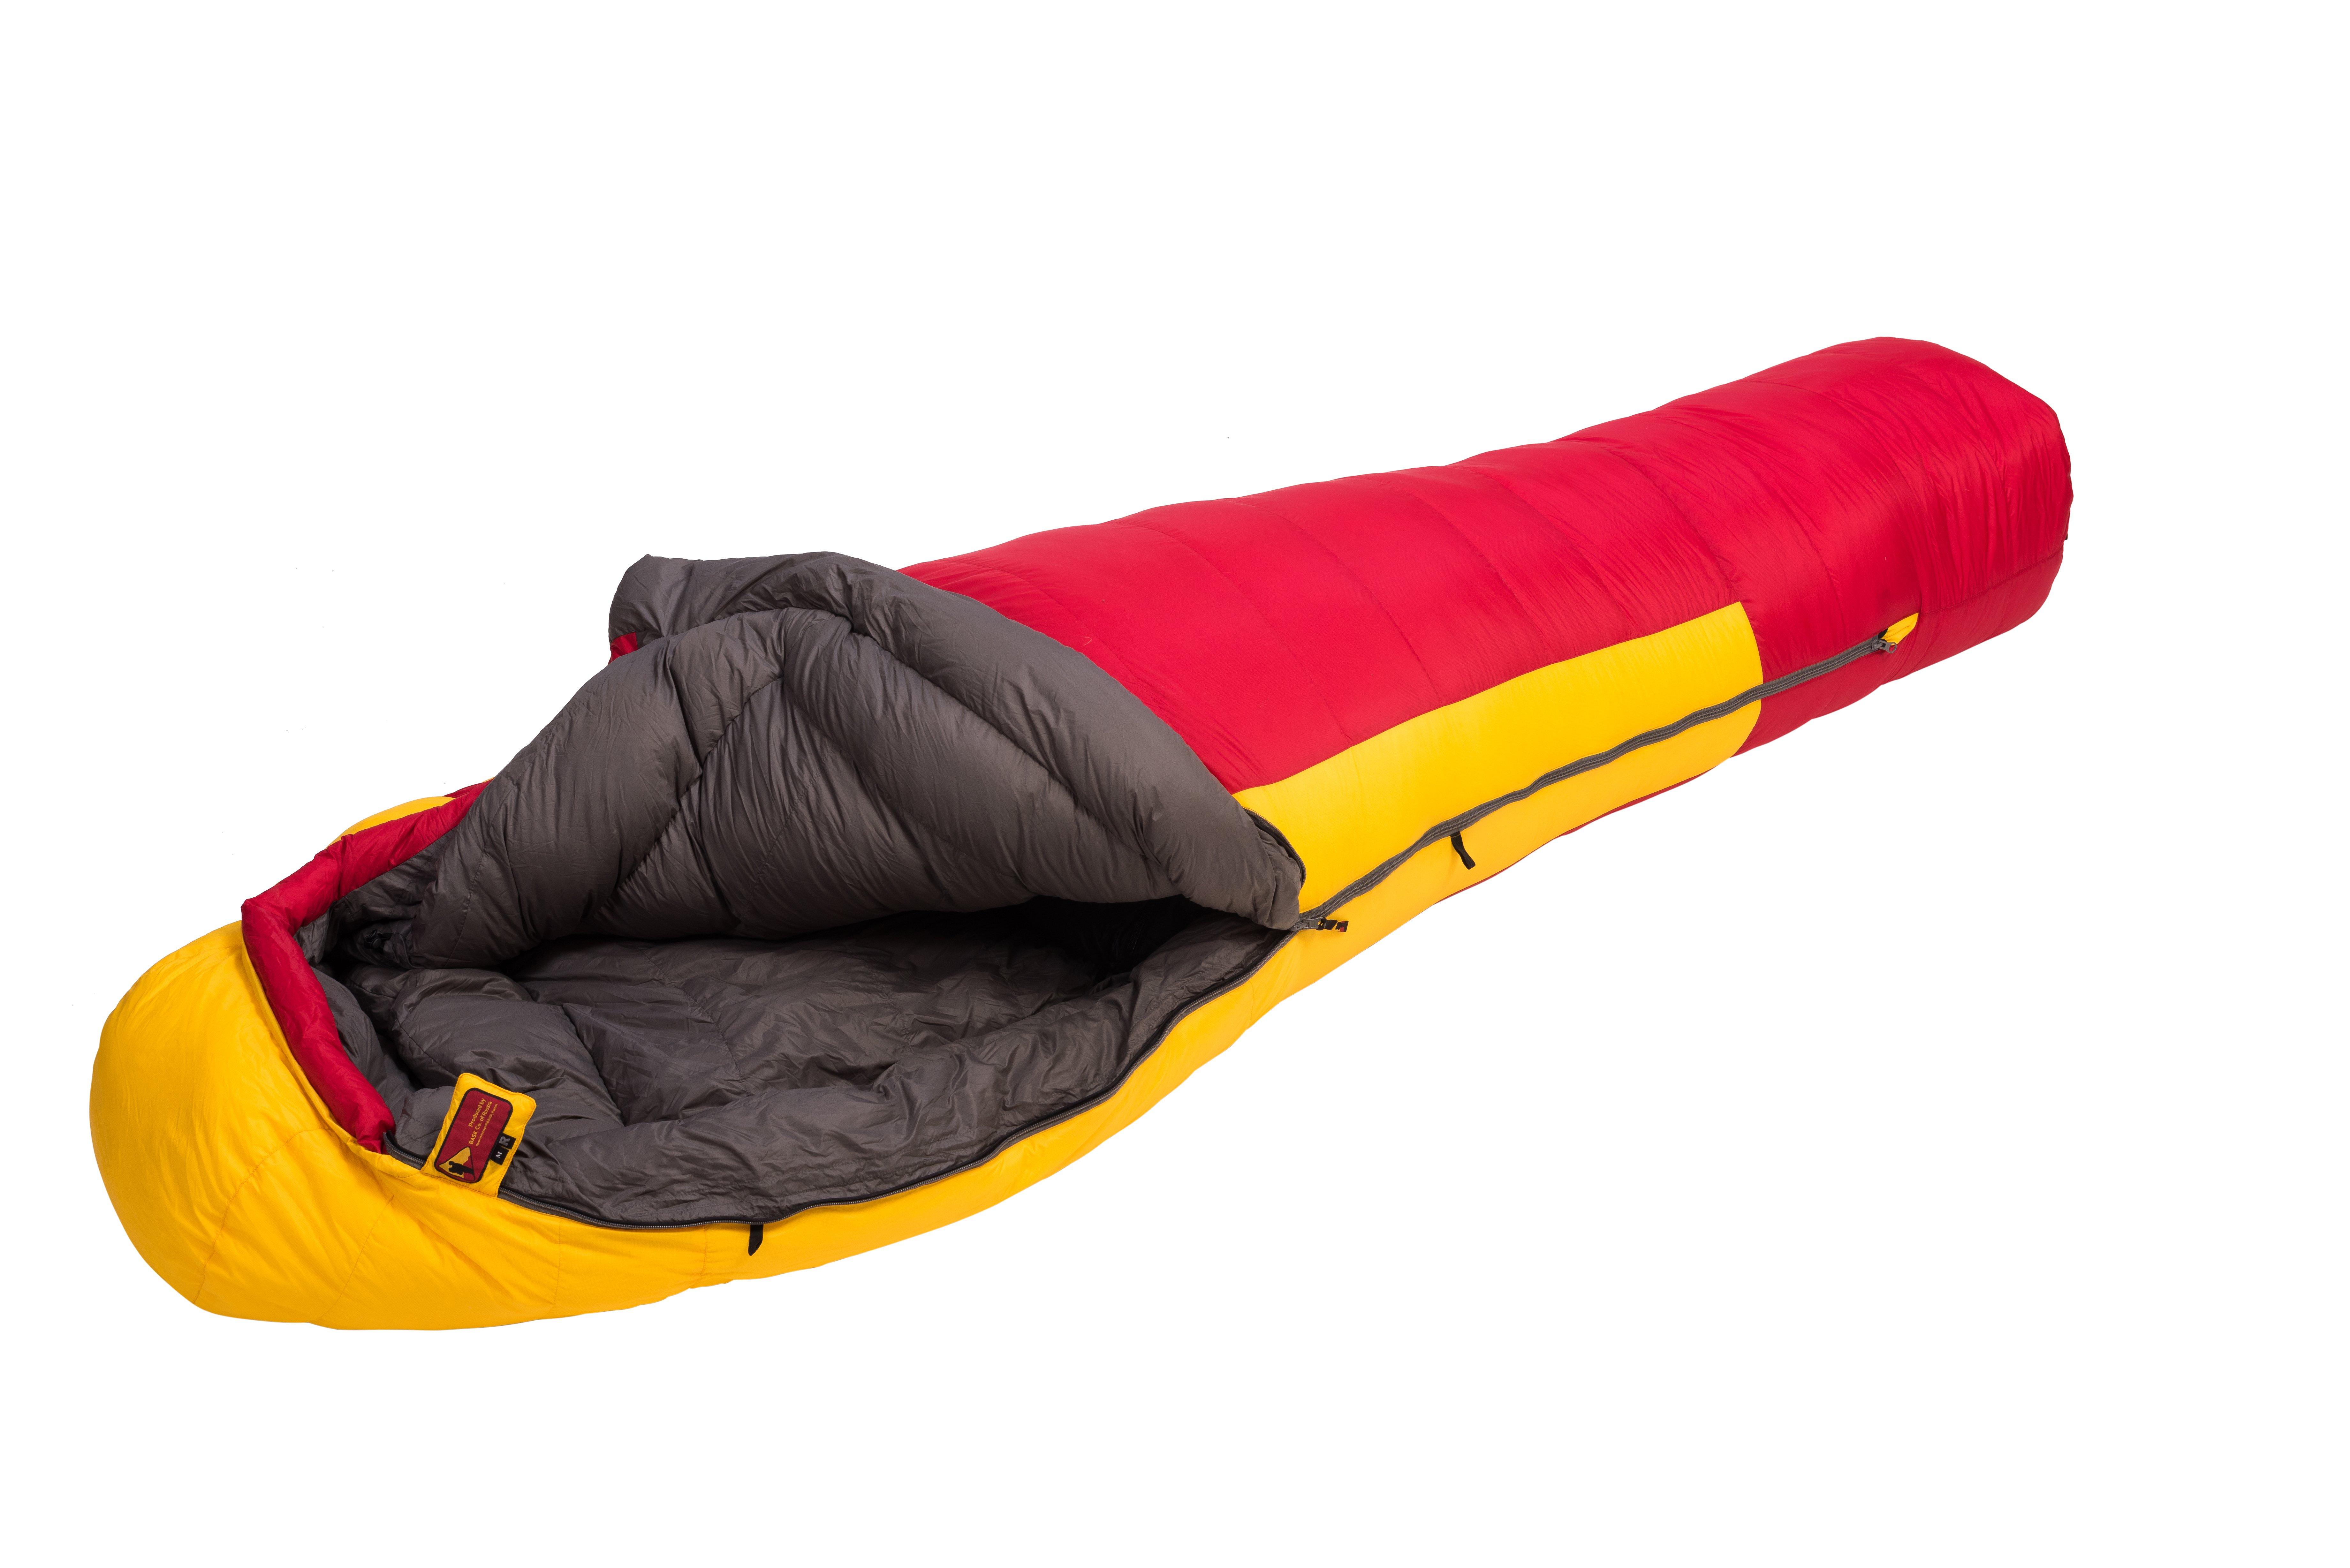 Спальный мешок BASK KARAKORAM-M 800+FP 3535Спальные мешки<br>Пуховый спальный мешок-кокон. Температура комфорта от -13 до -21°C. Теплый спальник для туризма и путешествий в экстремальных условиях.<br><br>Верхняя ткань: Advance®Perfomance<br>Вес без упаковки: 1820<br>Вес упаковки: 160<br>Вес утеплителя: 1130<br>Внутренняя ткань: Advance® Classic<br>Возможность состегивания: Да<br>Назначение: Экстремальный<br>Наличие карманов: Да<br>Наполнитель: Гусиный пух<br>Нижняя температура комфорта °C: -21<br>Подголовник/Капюшон: Да<br>Показатель Fill Power (для пуховых изделий): 800+<br>Размер в упакованном виде (диаметр х длина): 22х55<br>Размеры наружные (внутренние): 221х198х90х62<br>Система расположения слоев утеплителя или пуховых пакетов: Смещенные швы+продольное<br>Температура комфорта °C: -13<br>Тесьма вдоль планки: Да<br>Тип молнии: Двухзамковая-разъёмная<br>Тип утеплителя: Натуральный<br>Утеплитель: Гусиный пух<br>Утепляющая планка: Да<br>Форма: Кокон<br>Шейный пакет: Да<br>Экстремальная температура °C: -44